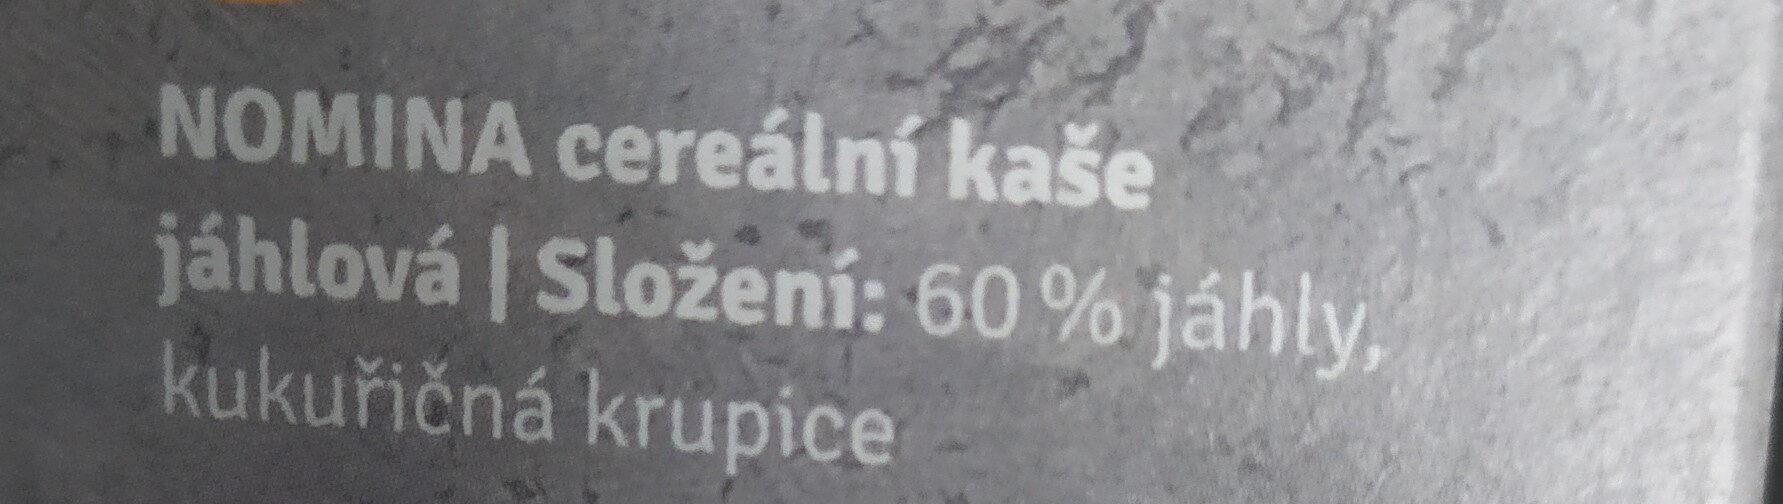 Norminal cereální kaše Nomima jáhhlová - Ingrédients - cs